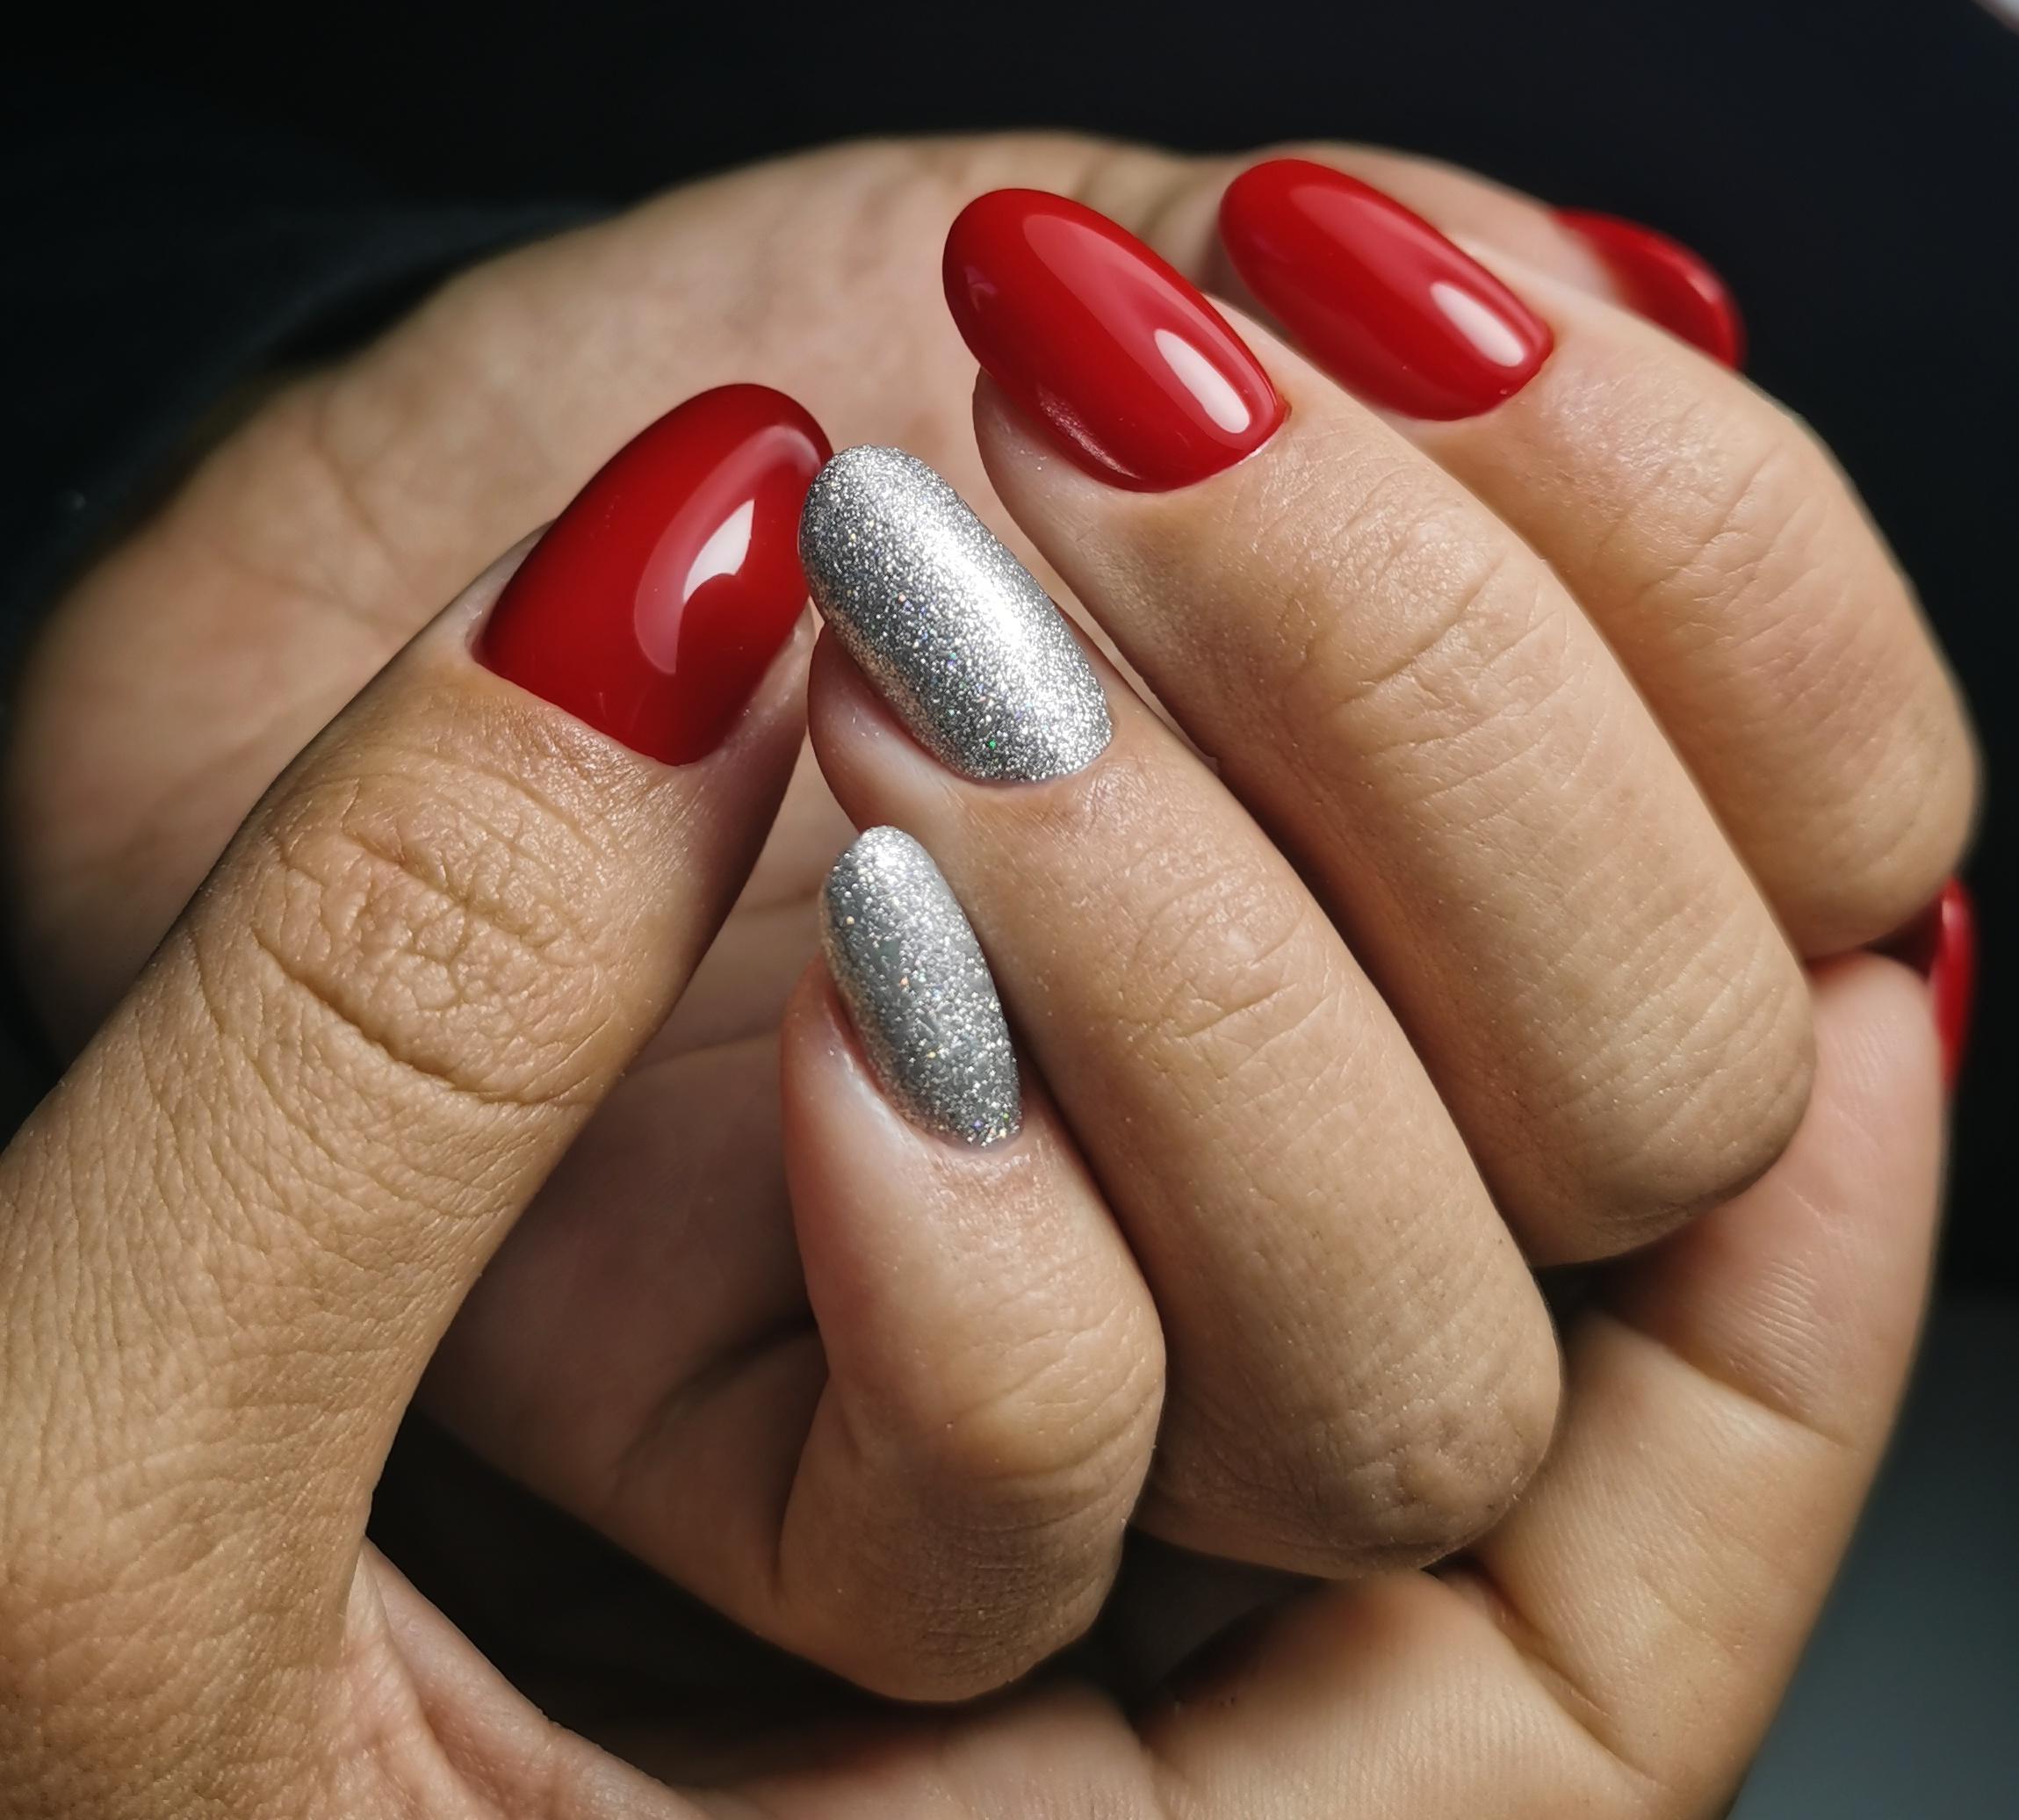 Маникюр, красный с серебром. Взлетные ногти.